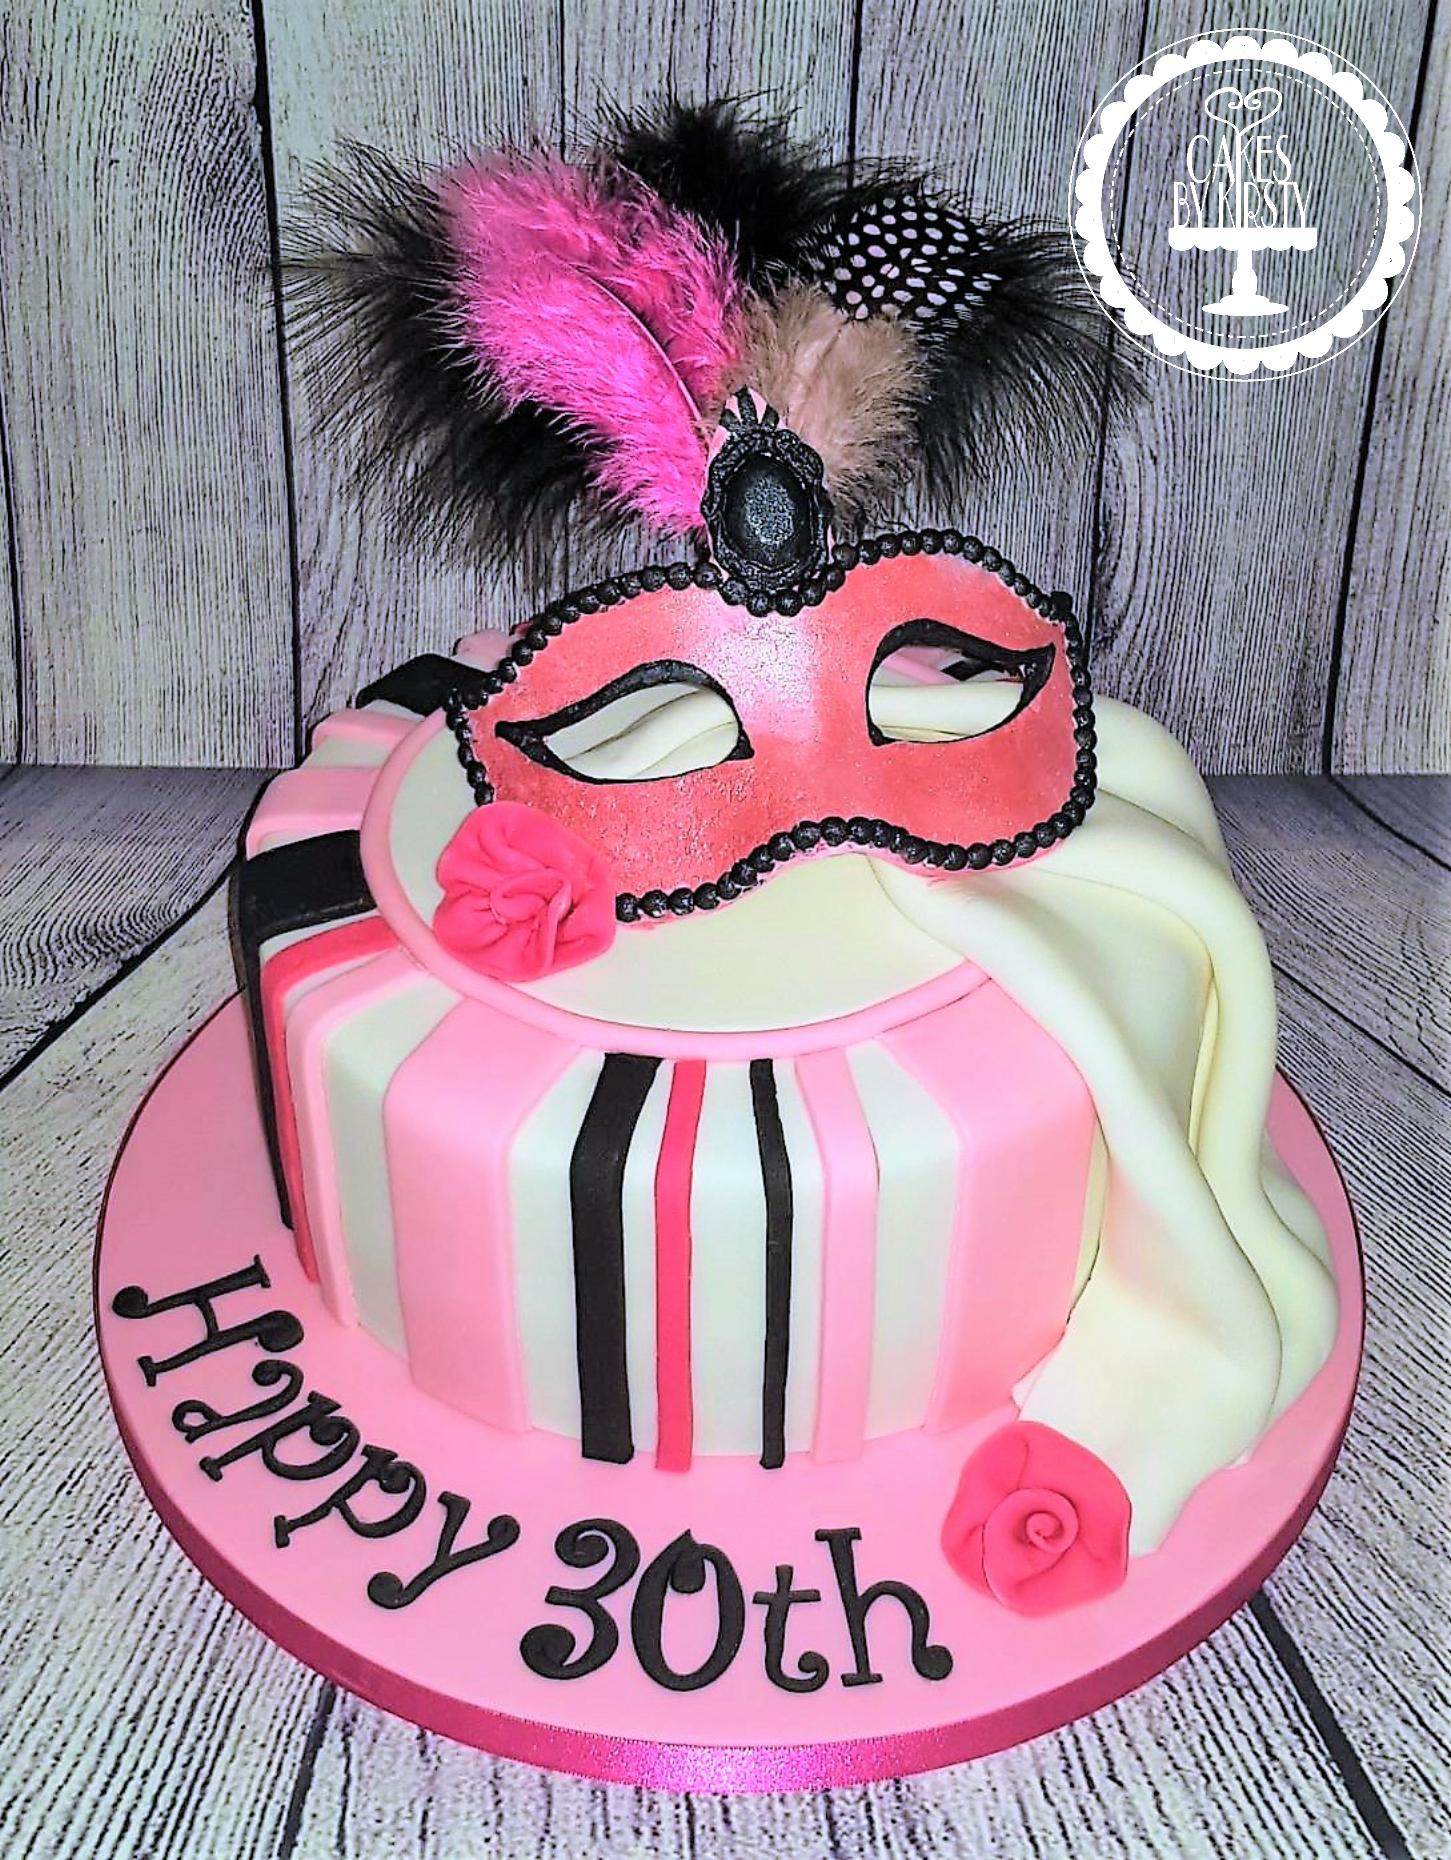 Masquerade Ball Cake